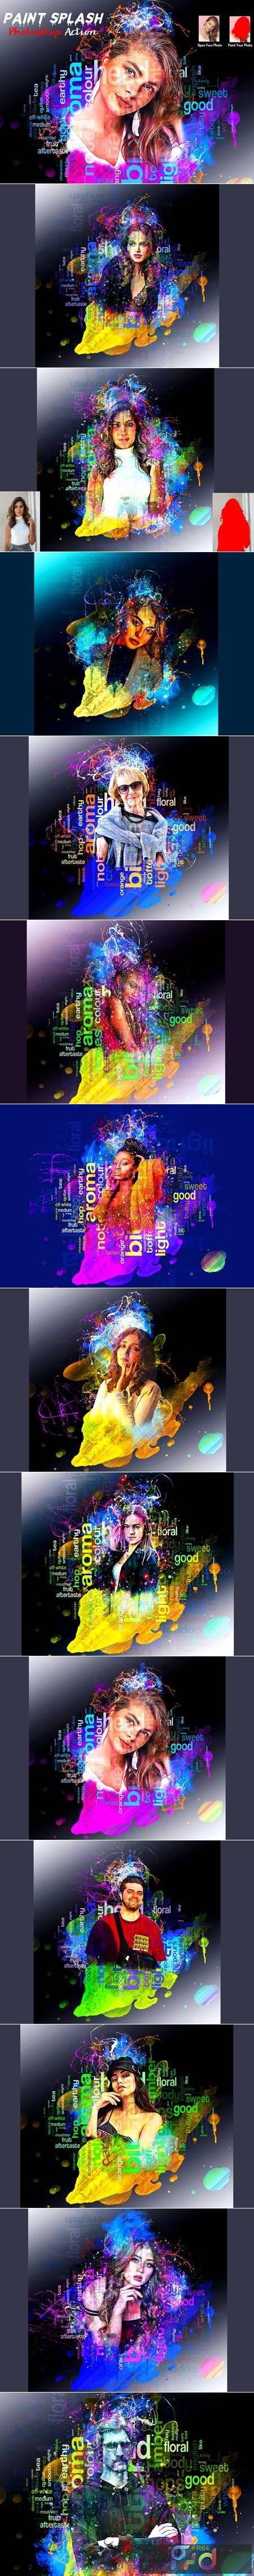 Paint Splash Photoshop Action 5966298 1